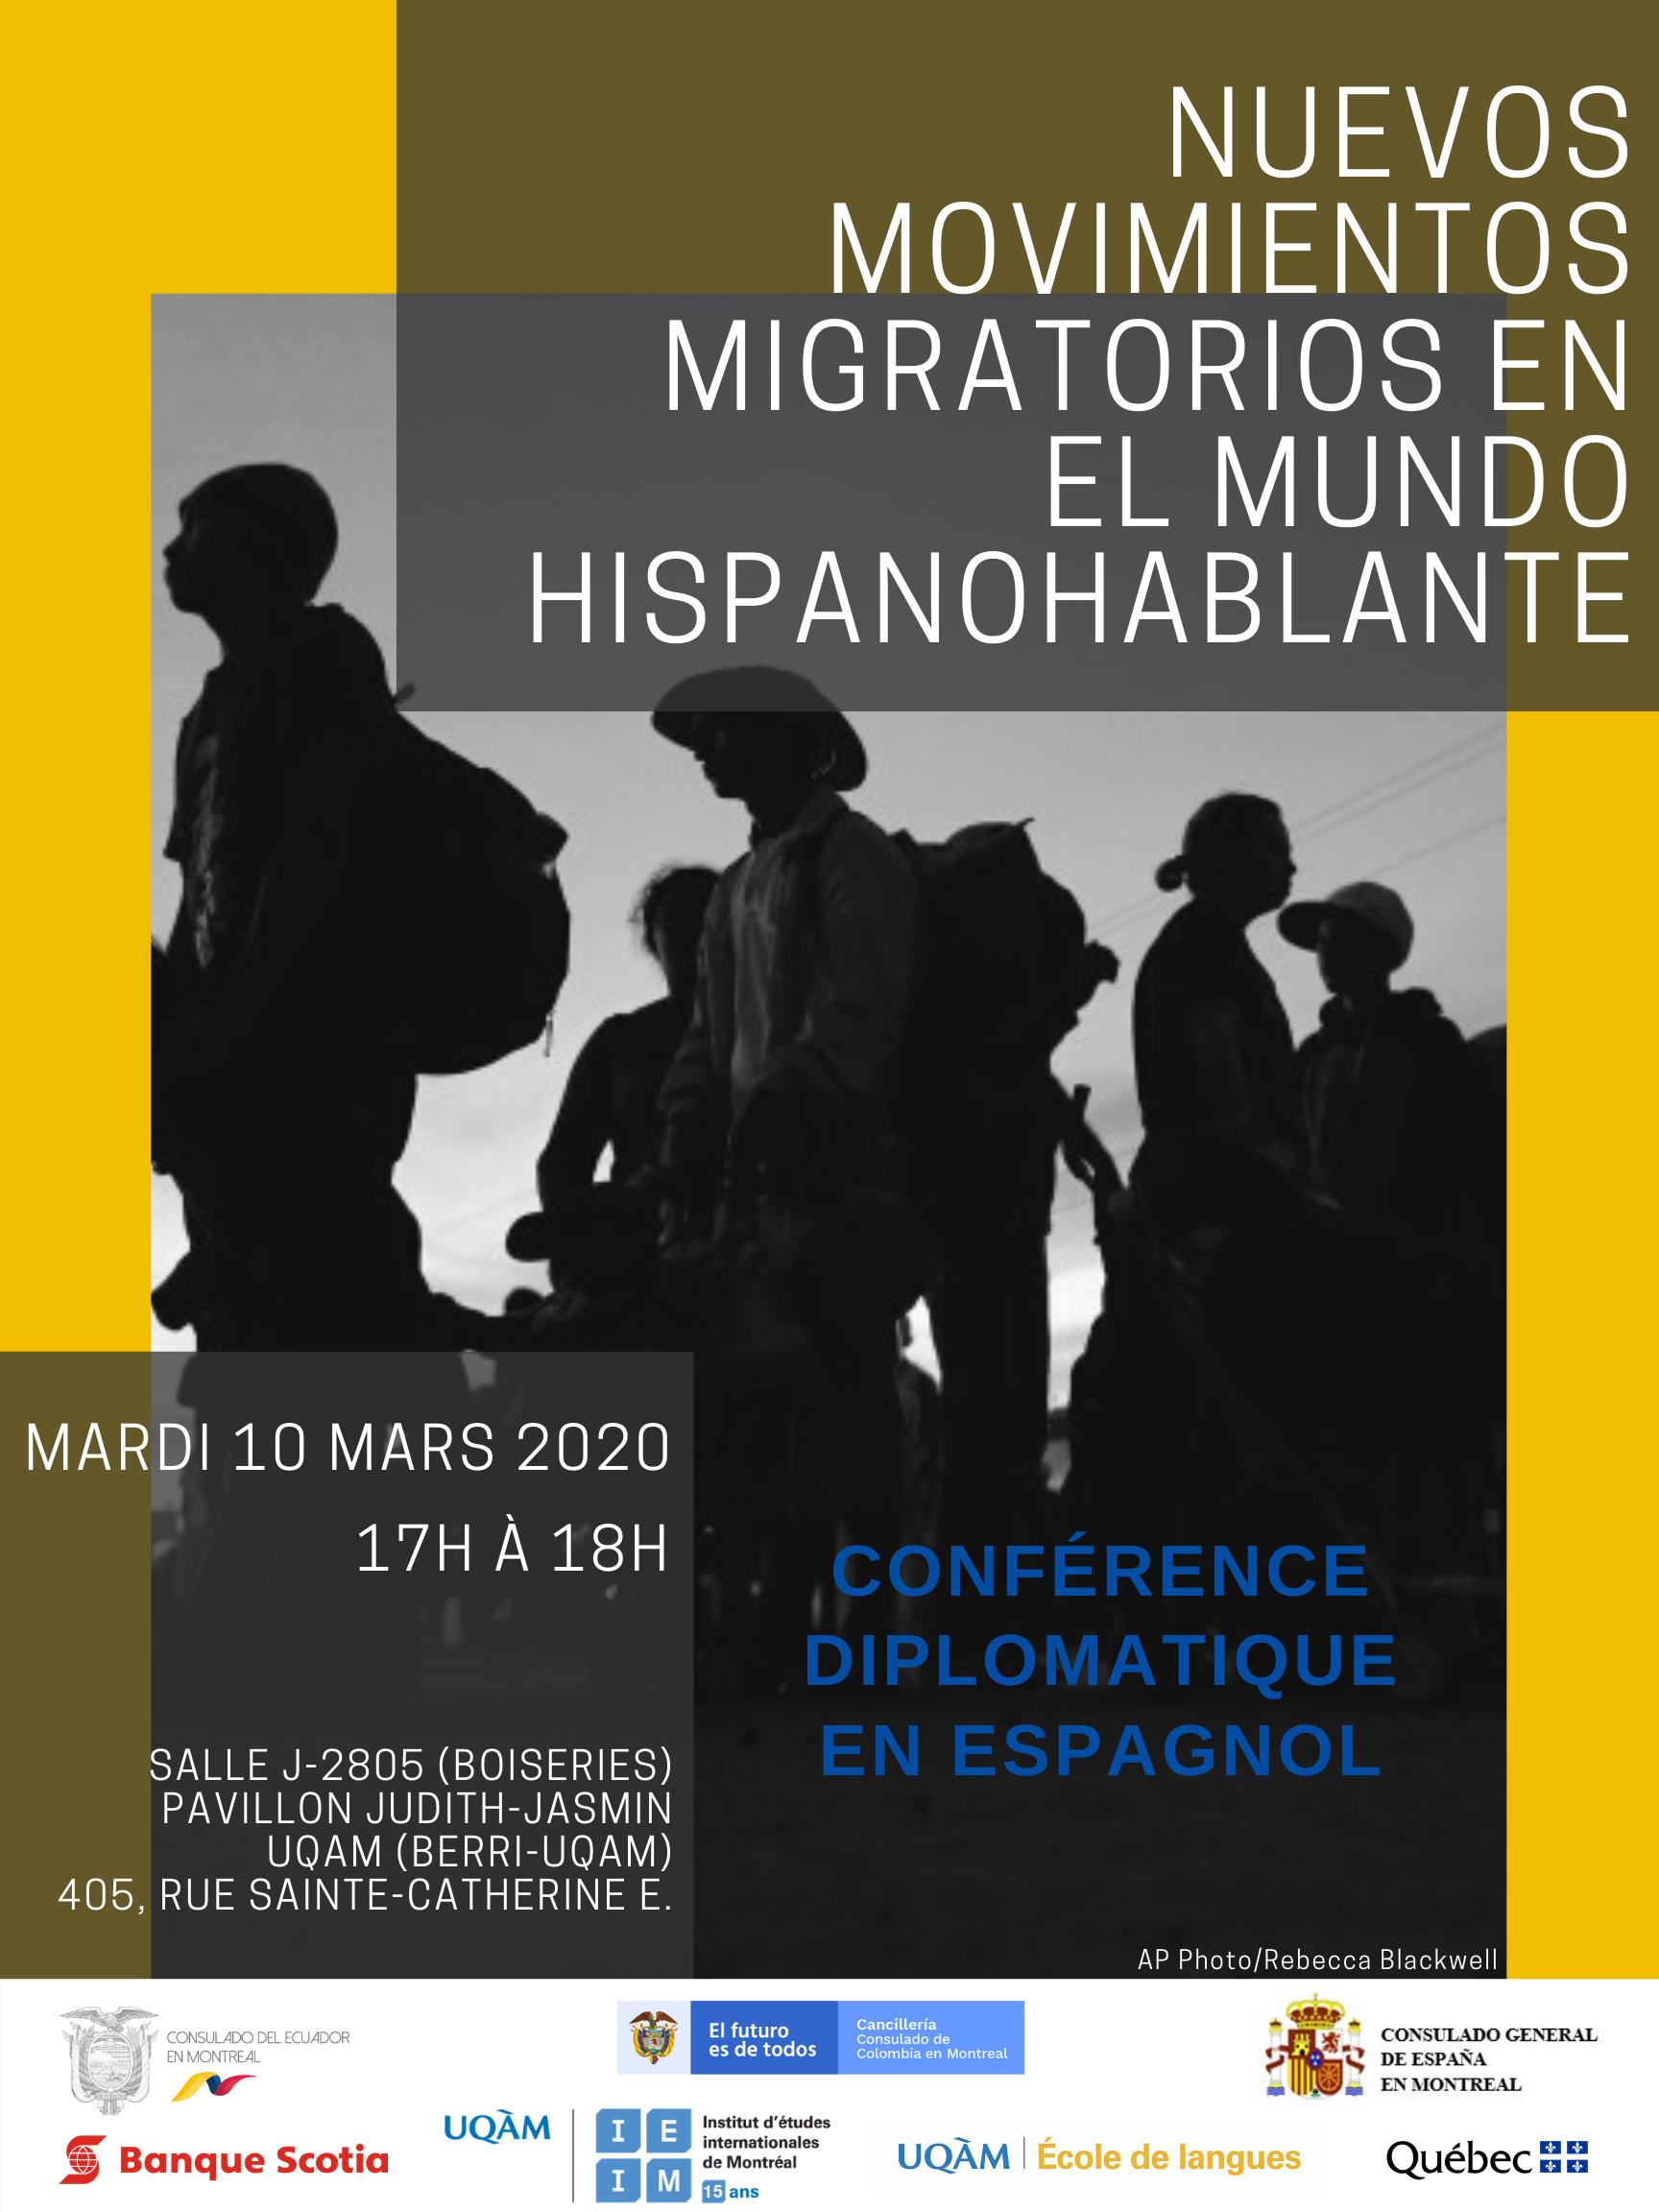 Nuevos movimientos migratorios en el mundo hispanohablante